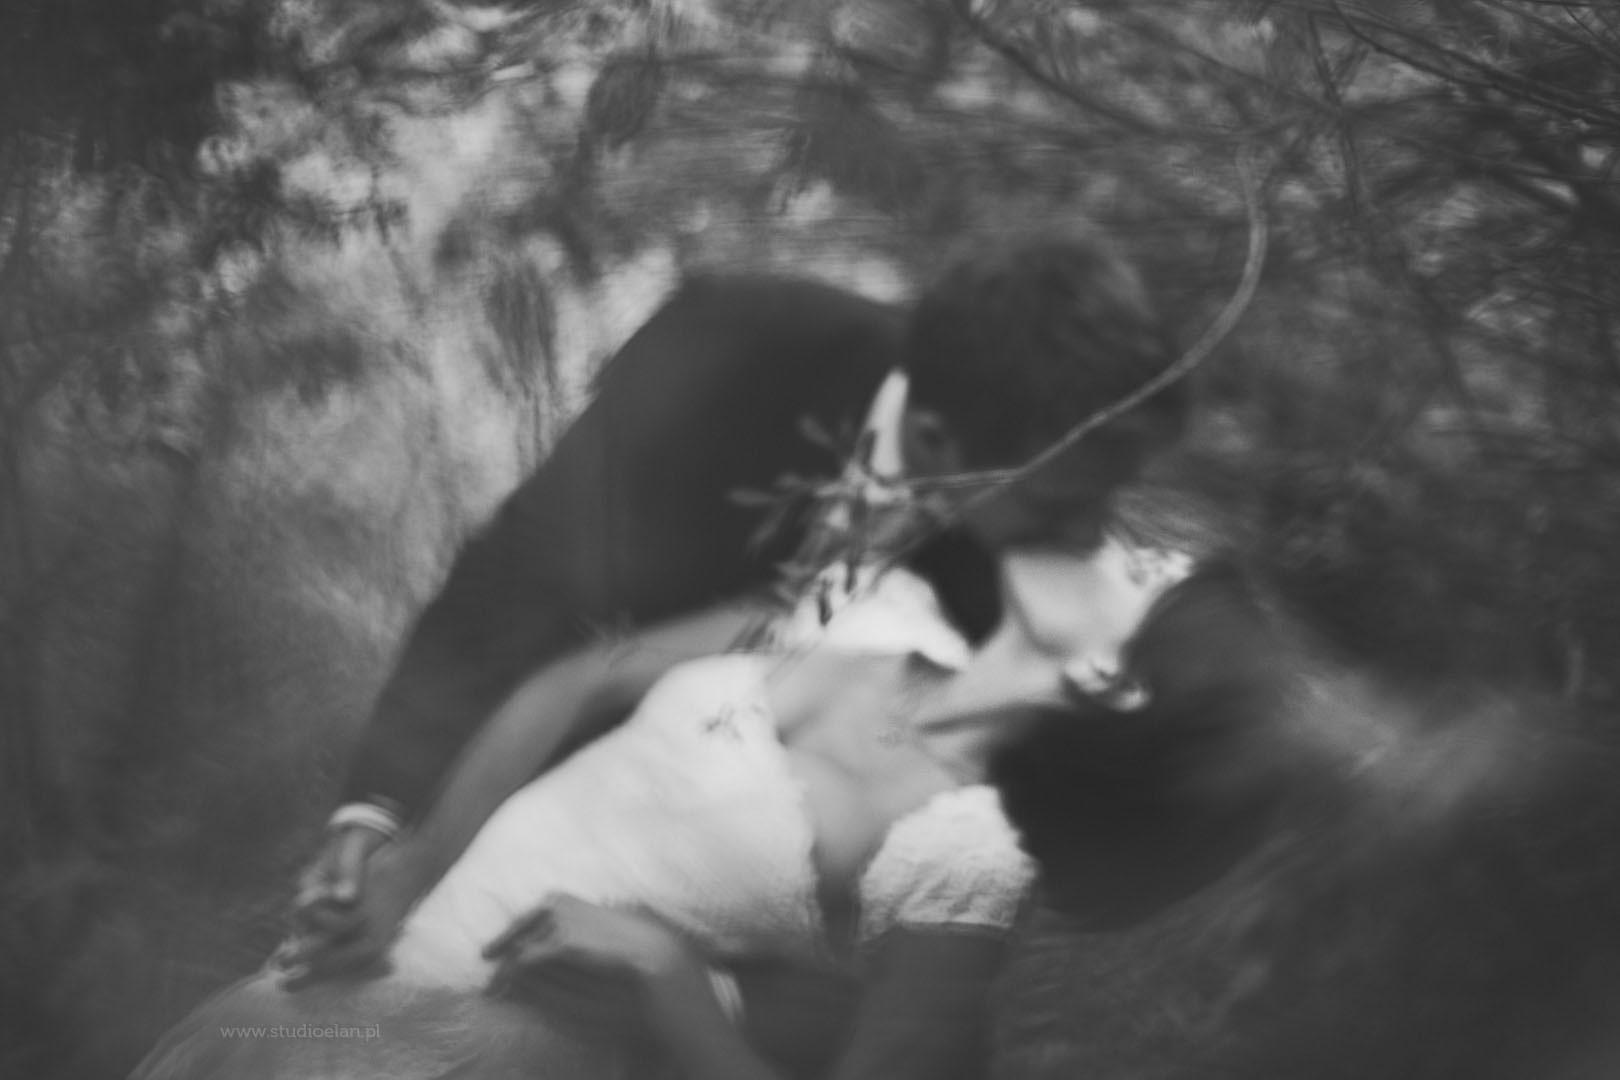 portret pary młodej w plenerze, fotografia czarno biała